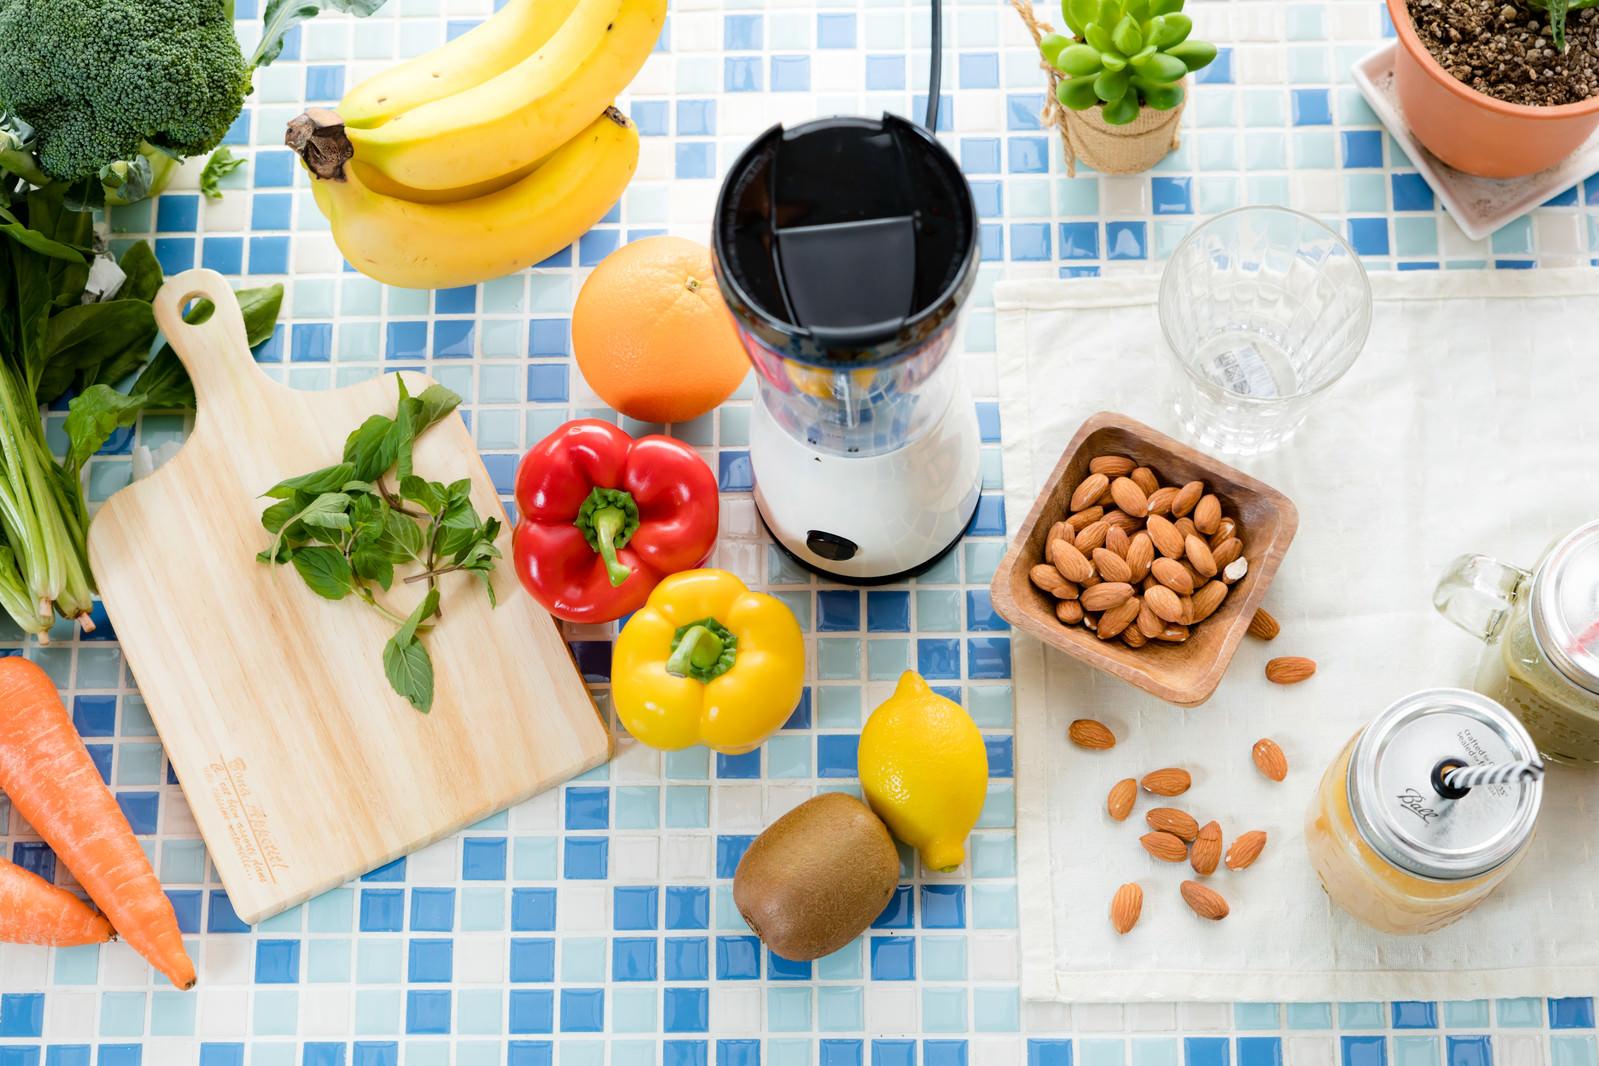 「色とりどりの新鮮野菜とスムージーセット | 写真の無料素材・フリー素材 - ぱくたそ」の写真